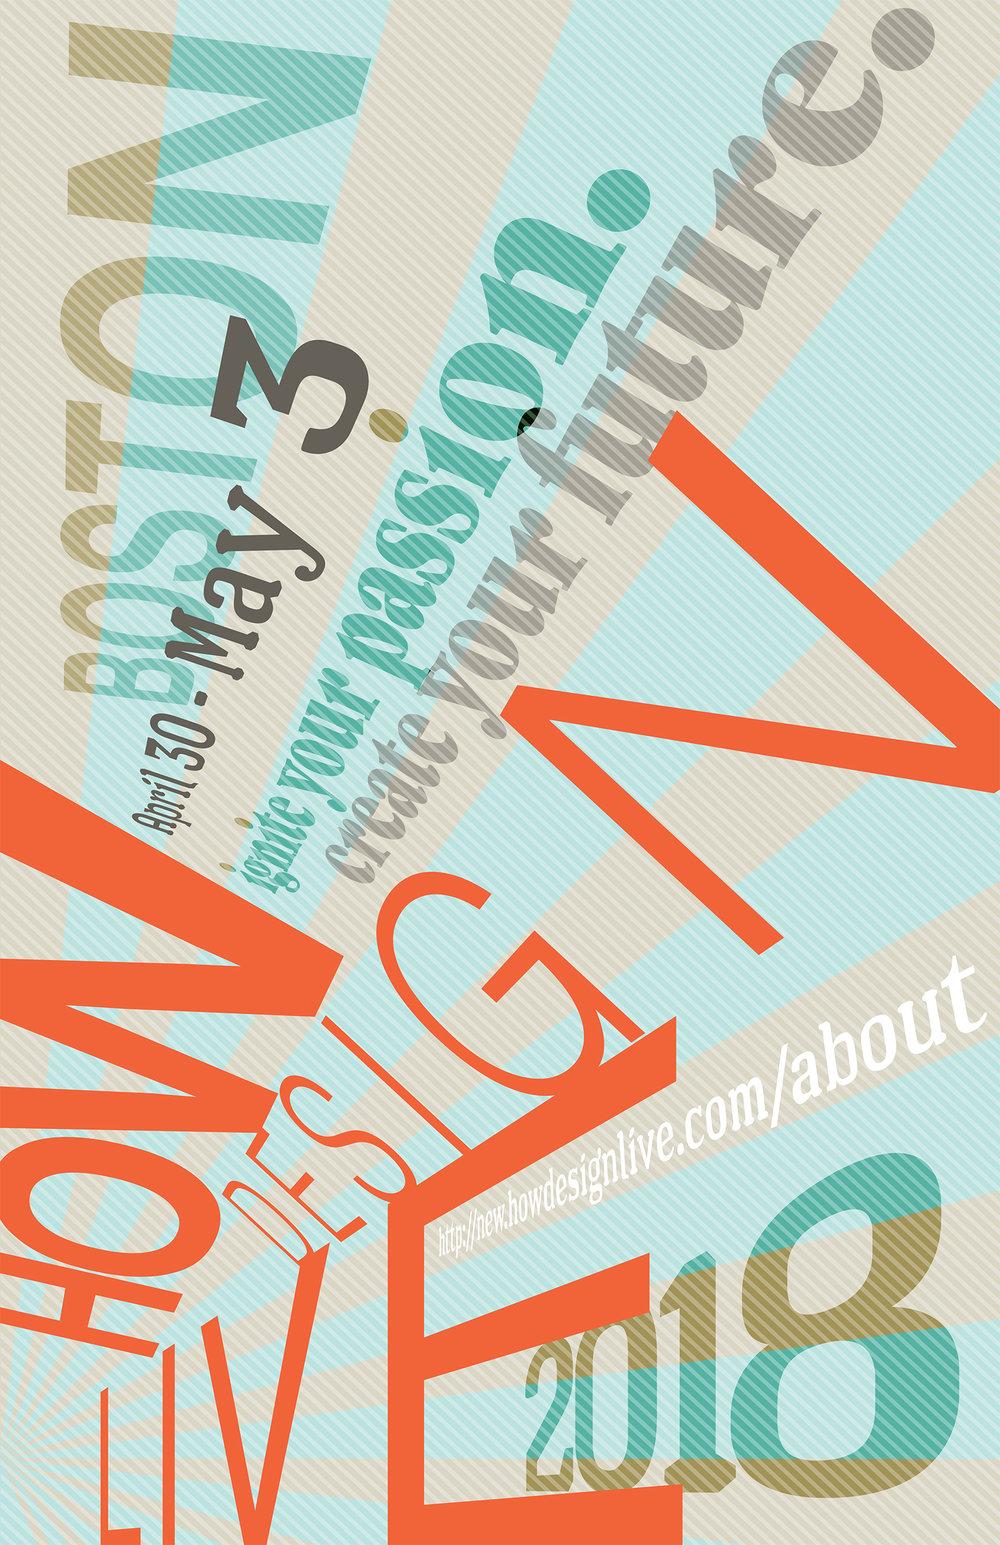 Ryan_Tanguilan_Type Poster.jpg